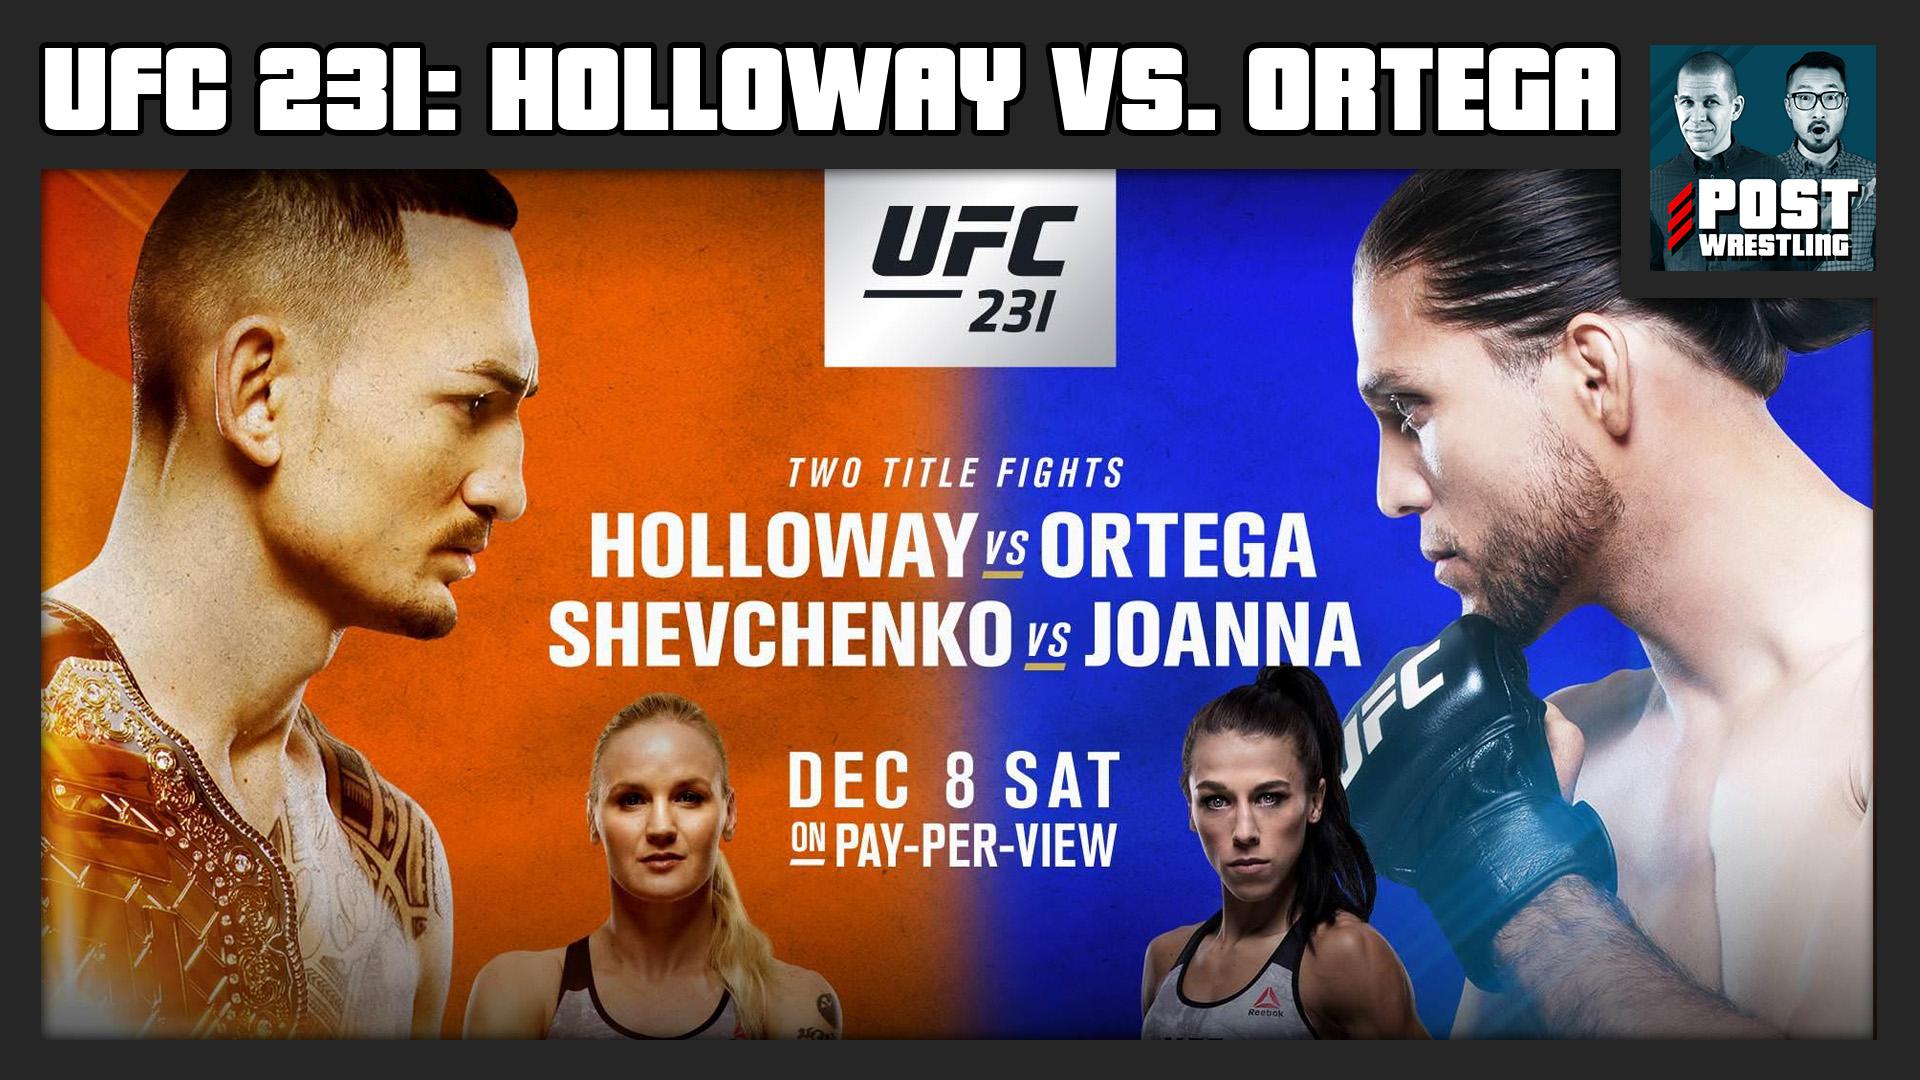 UFC 231 POST Show Max Holloway vs Brian Ortega 1920x1080